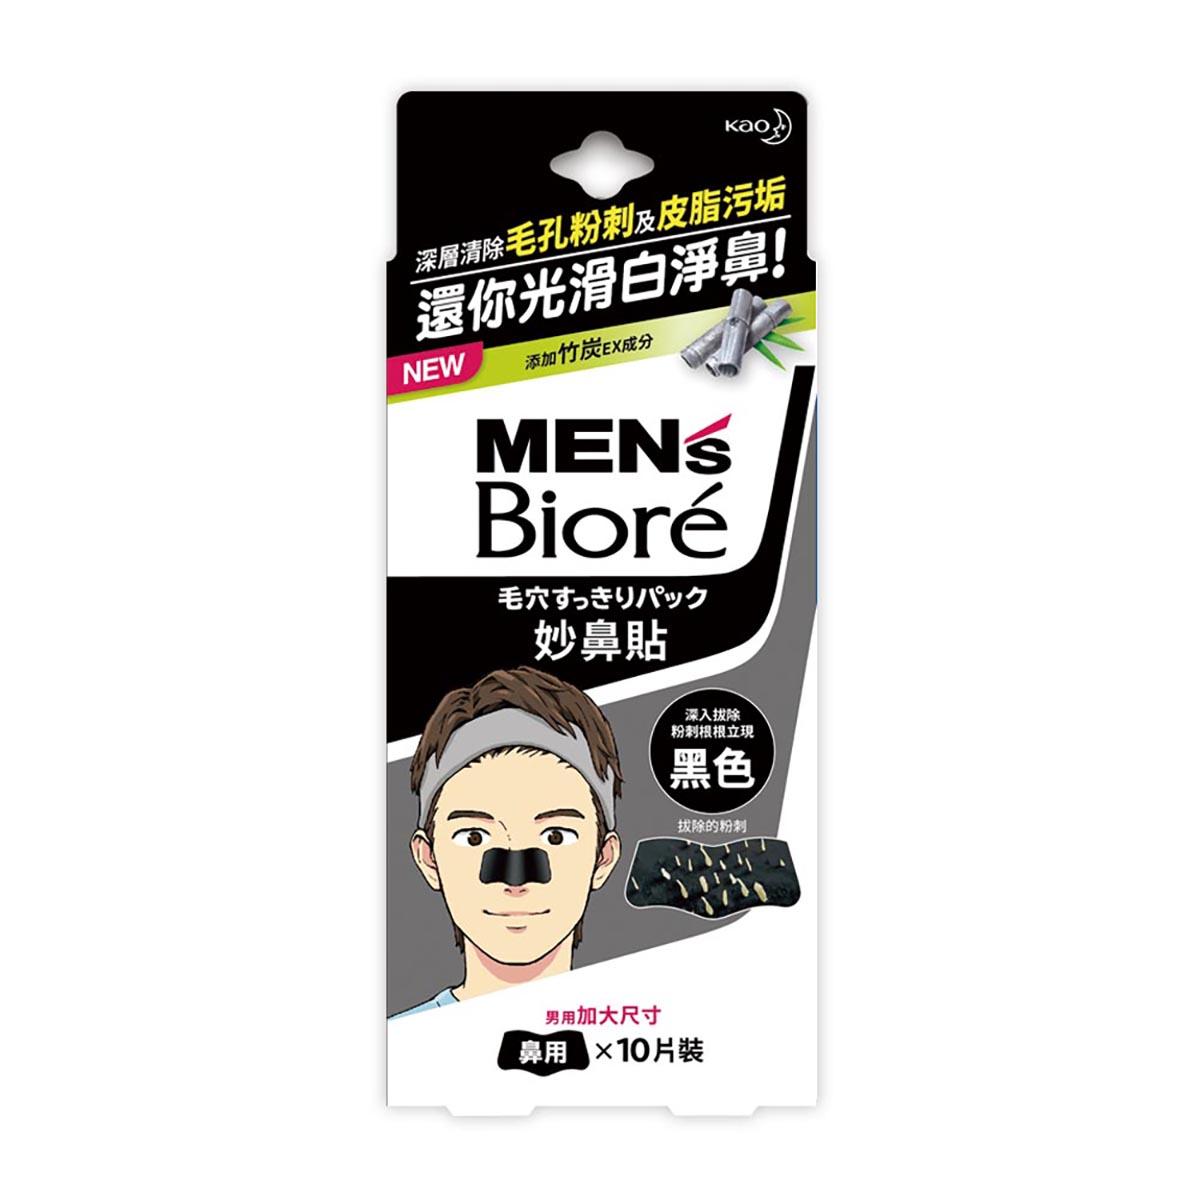 MEN'S Biore蜜妮男性專用妙鼻貼(黑色)